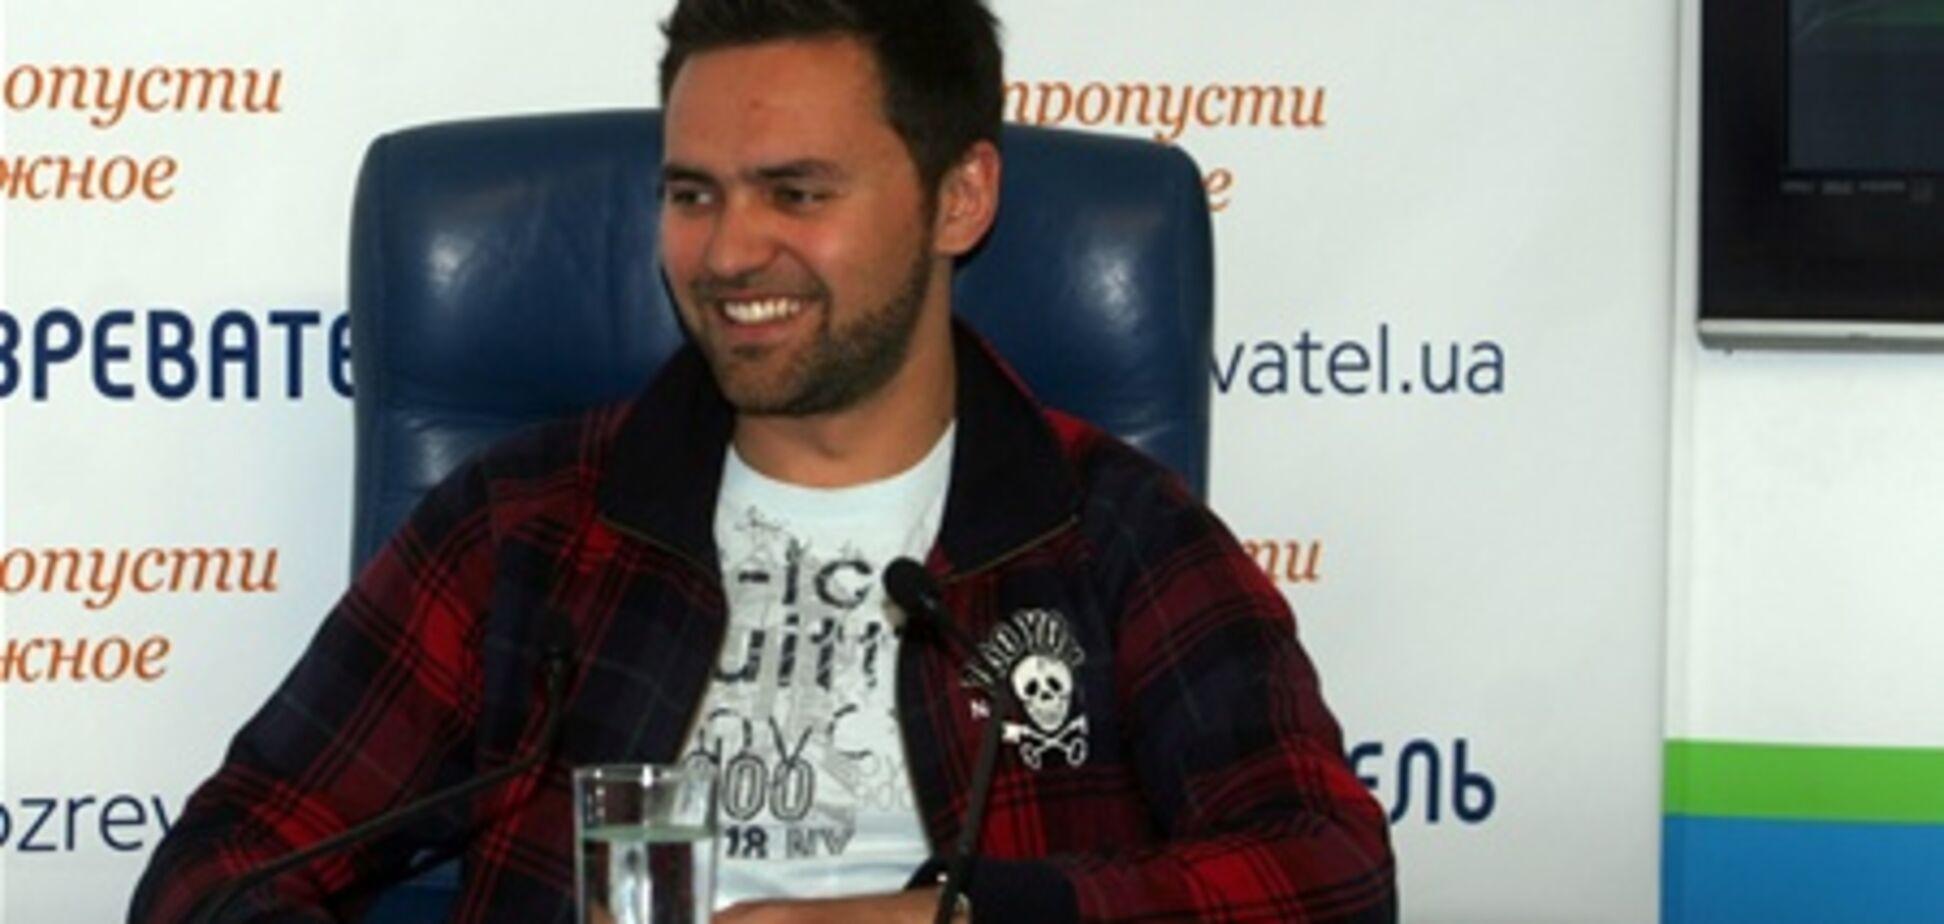 Тимур Мирошниченко: у Златы есть все, чтобы влюбить в себя за три минуты